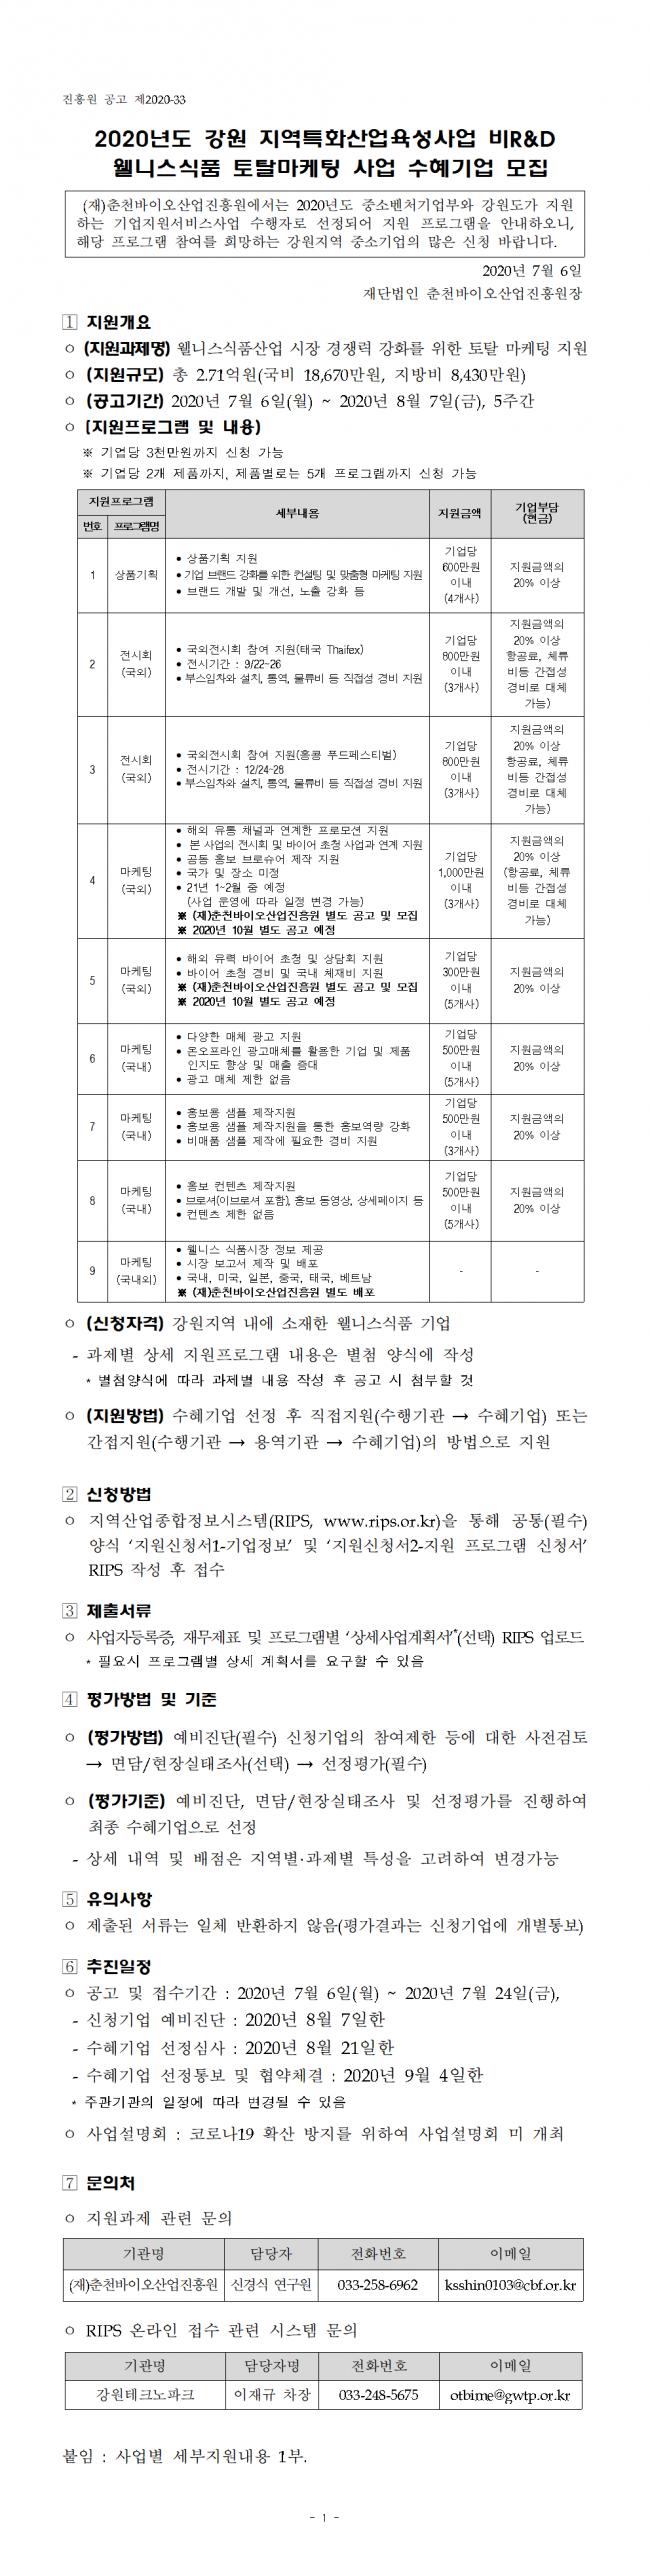 웰니스식품 토탈마케팅 공고문_홈페이지 게시용(연장)001.png